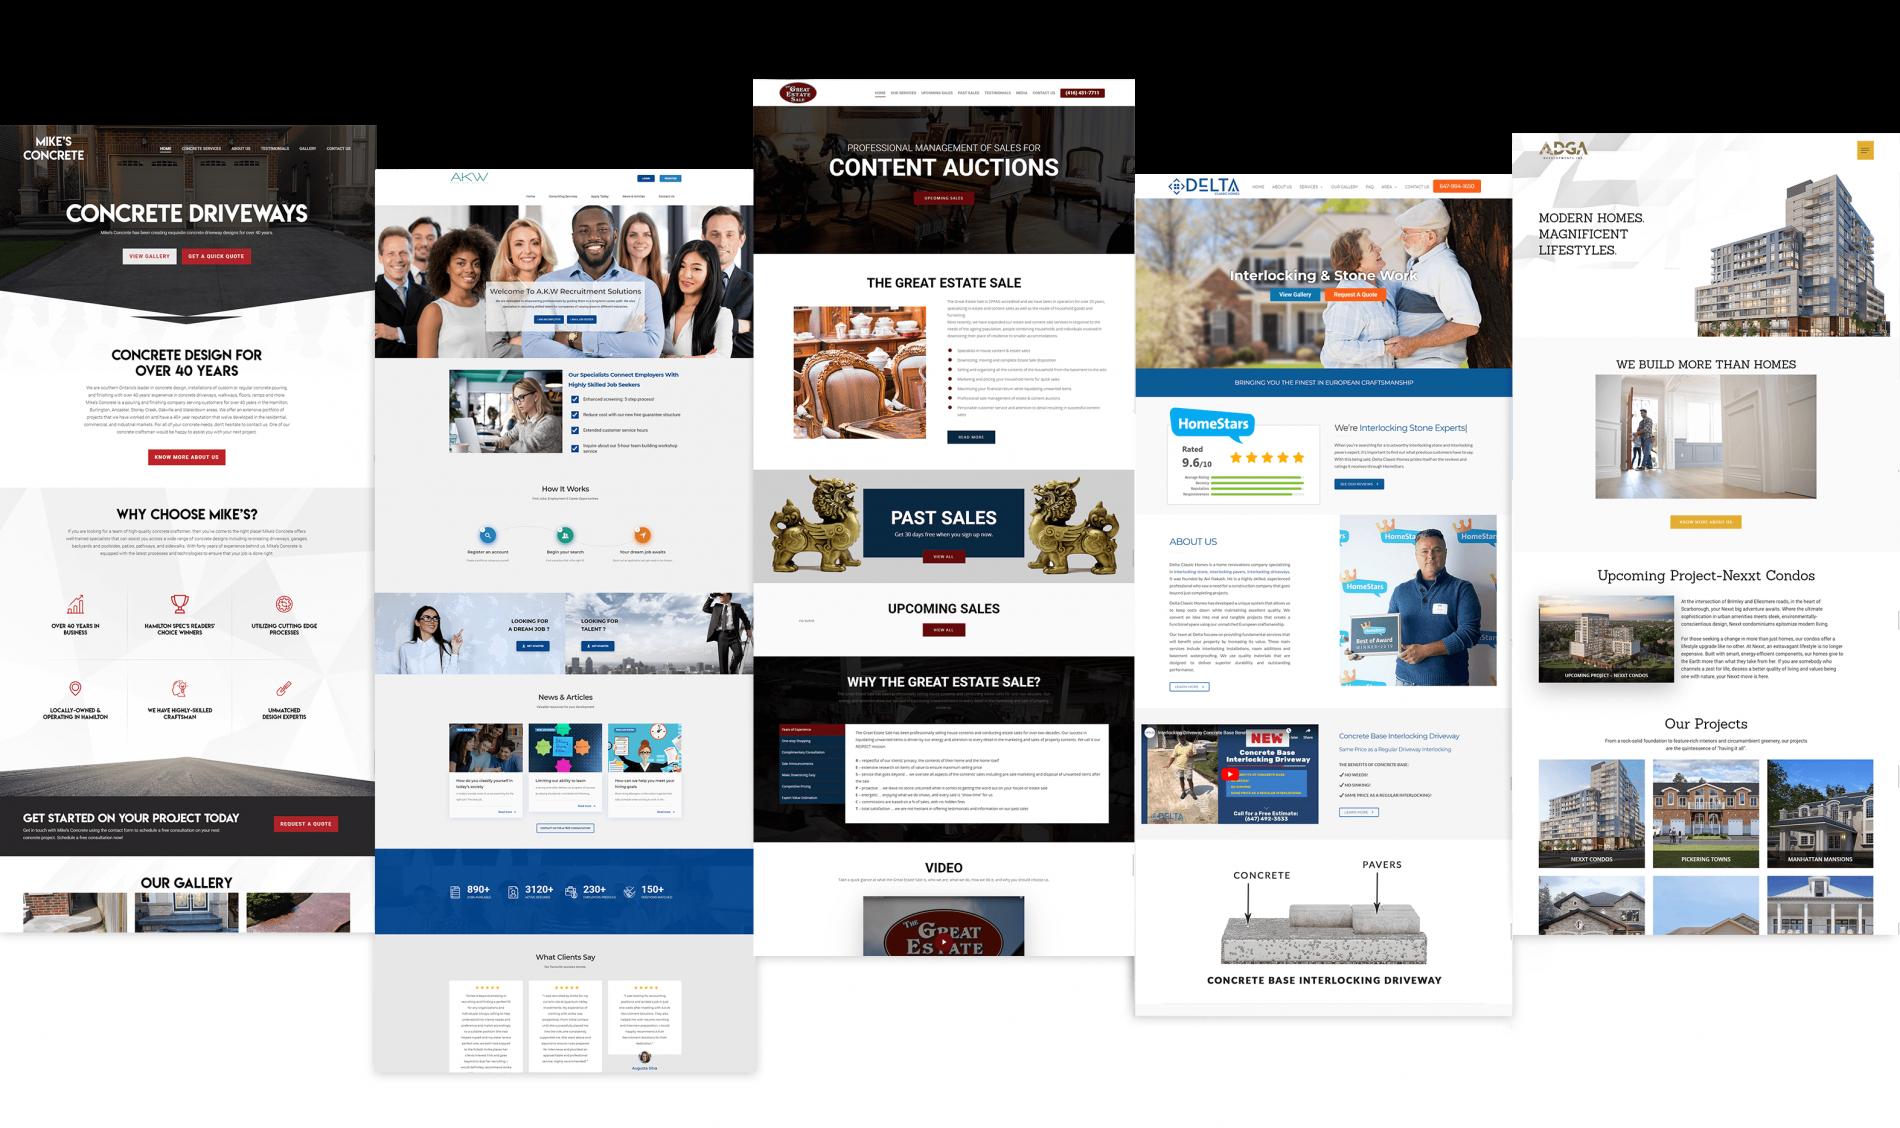 Web Design Edkentmedia